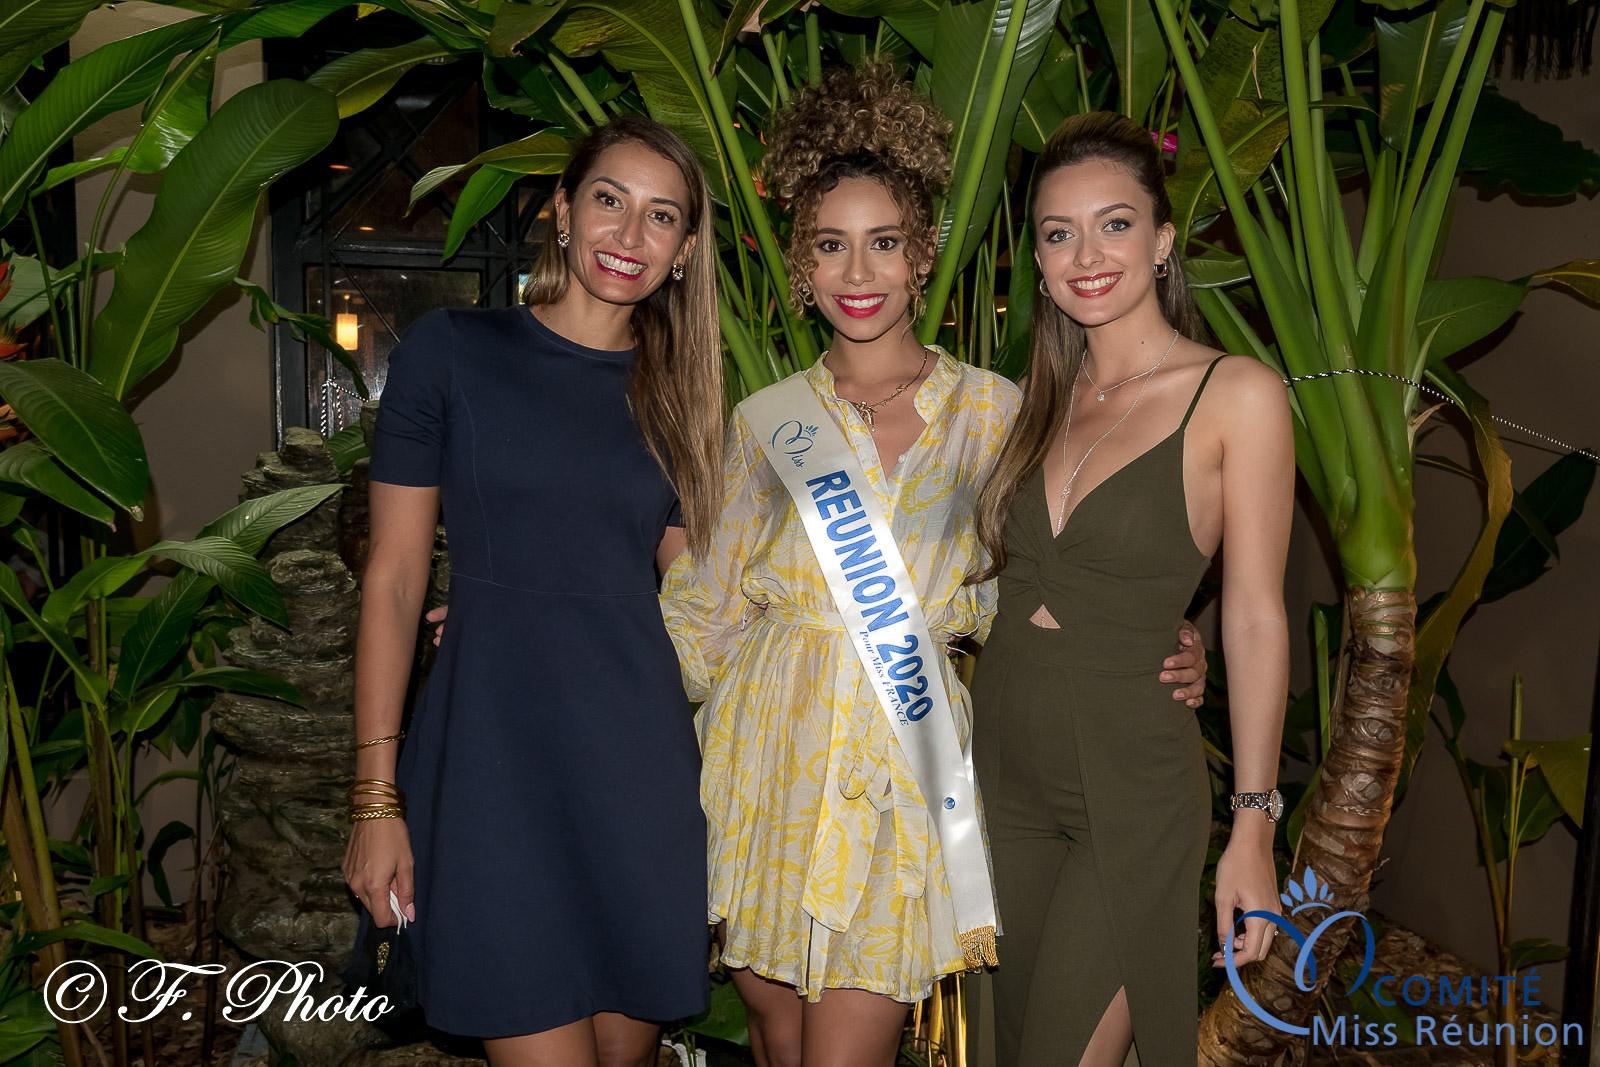 3 Miss Réunion réunies: Raïssa Boyer, responsable marketing et communication du Casino de Saint-Gilles, Lynae Boyer et Morgane Lebon